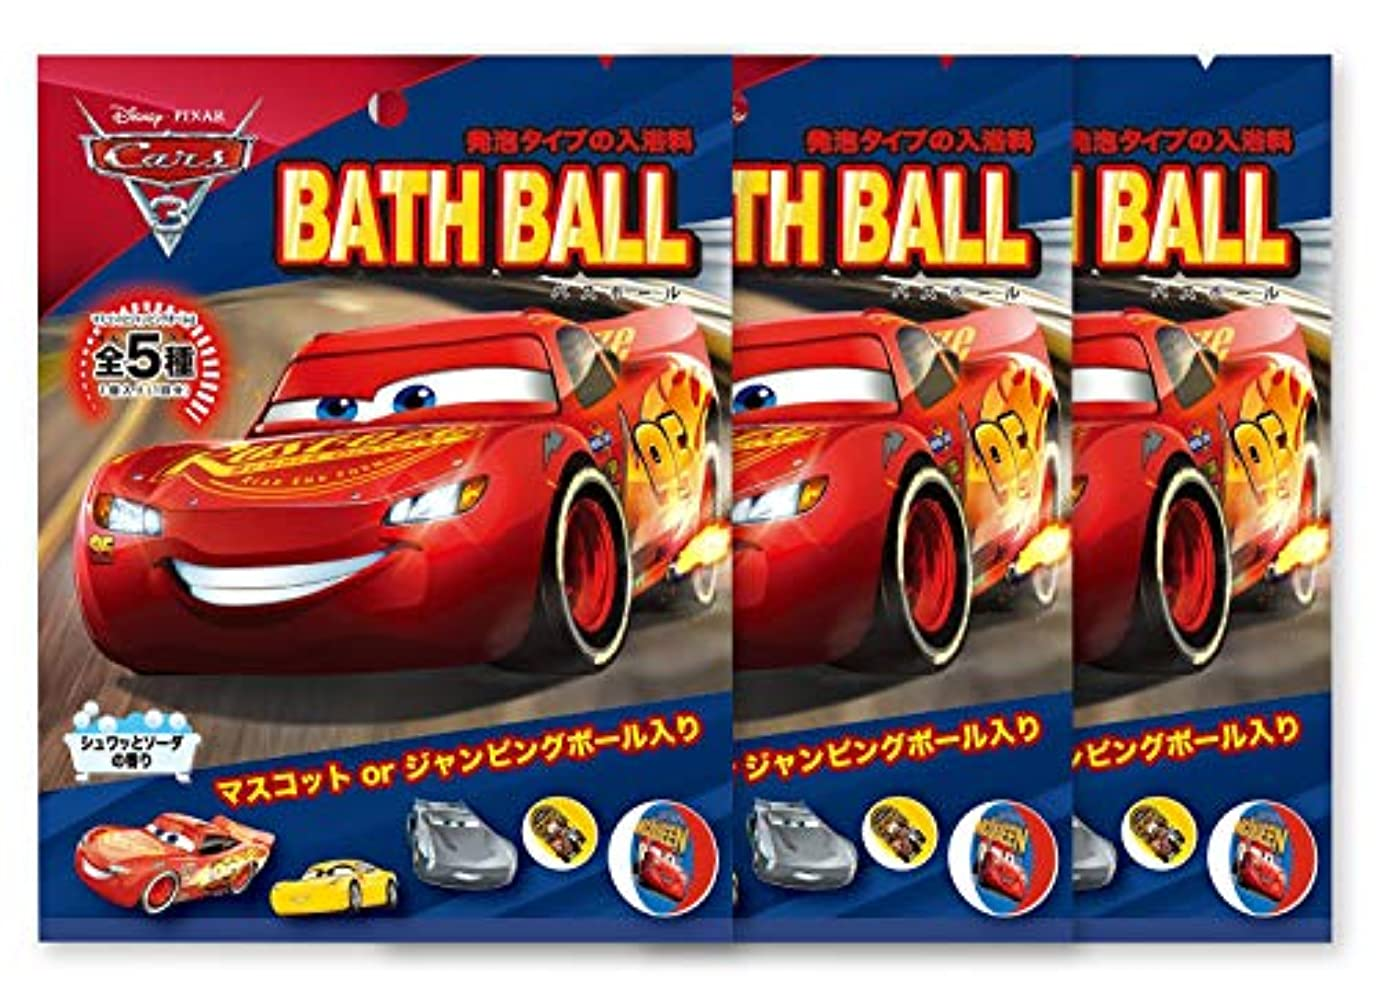 忠実な定刻哲学的ディズニー 入浴剤 カーズ3 バスボール おまけ付き ソーダの香り 60g 3個セット